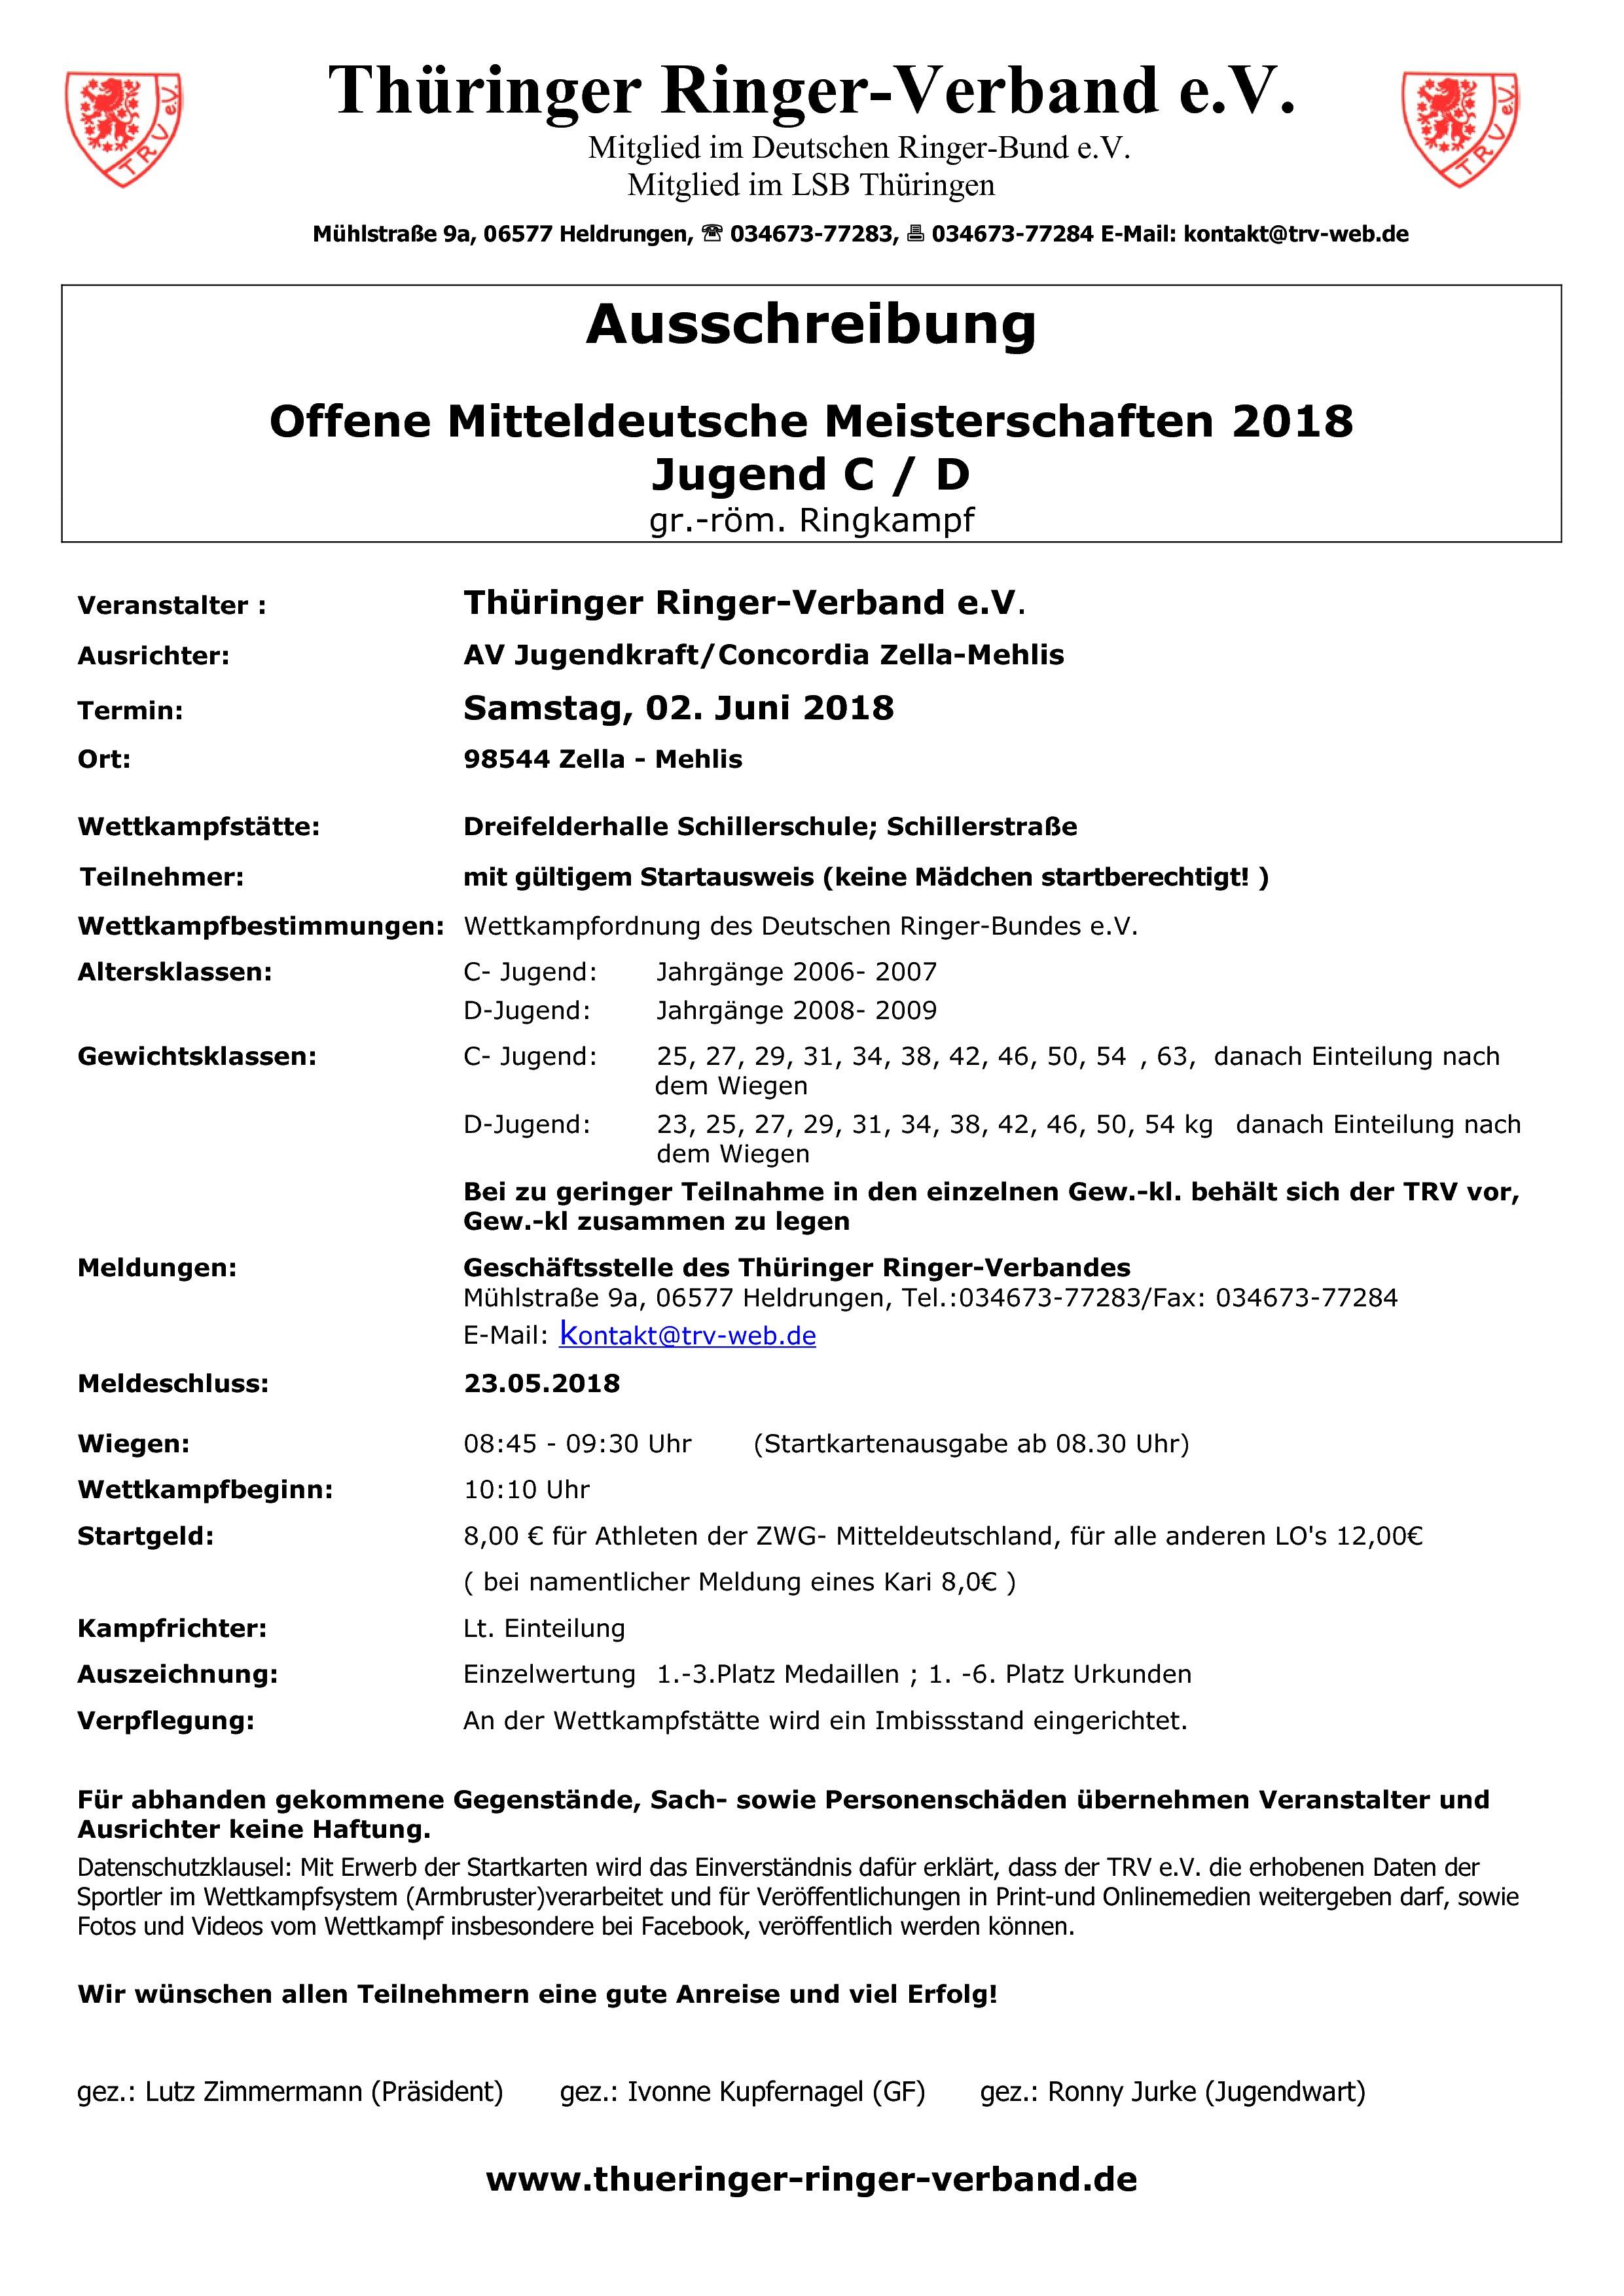 MDM Jugend C/D 2018